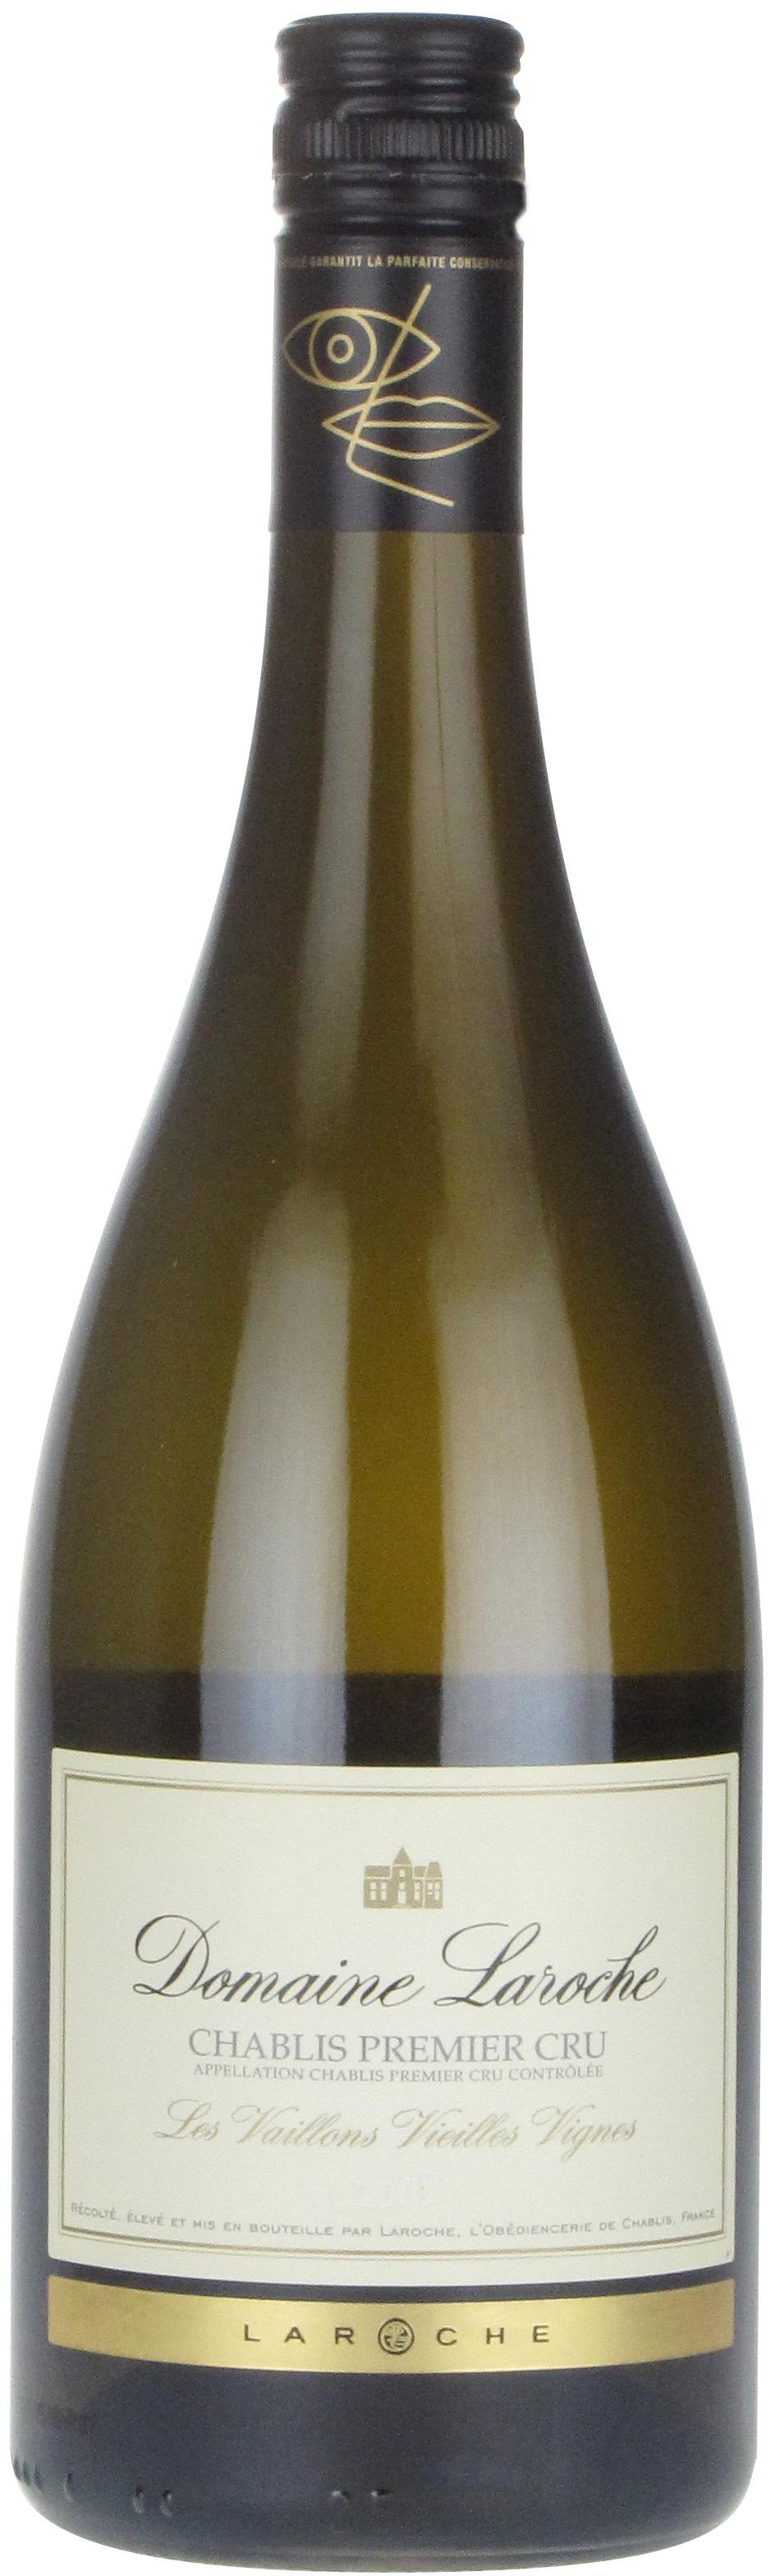 Domaine Laroche, Domaine Laroche Chablis 1er Cru `Les Vaillons` Vieilles Vignes 2016